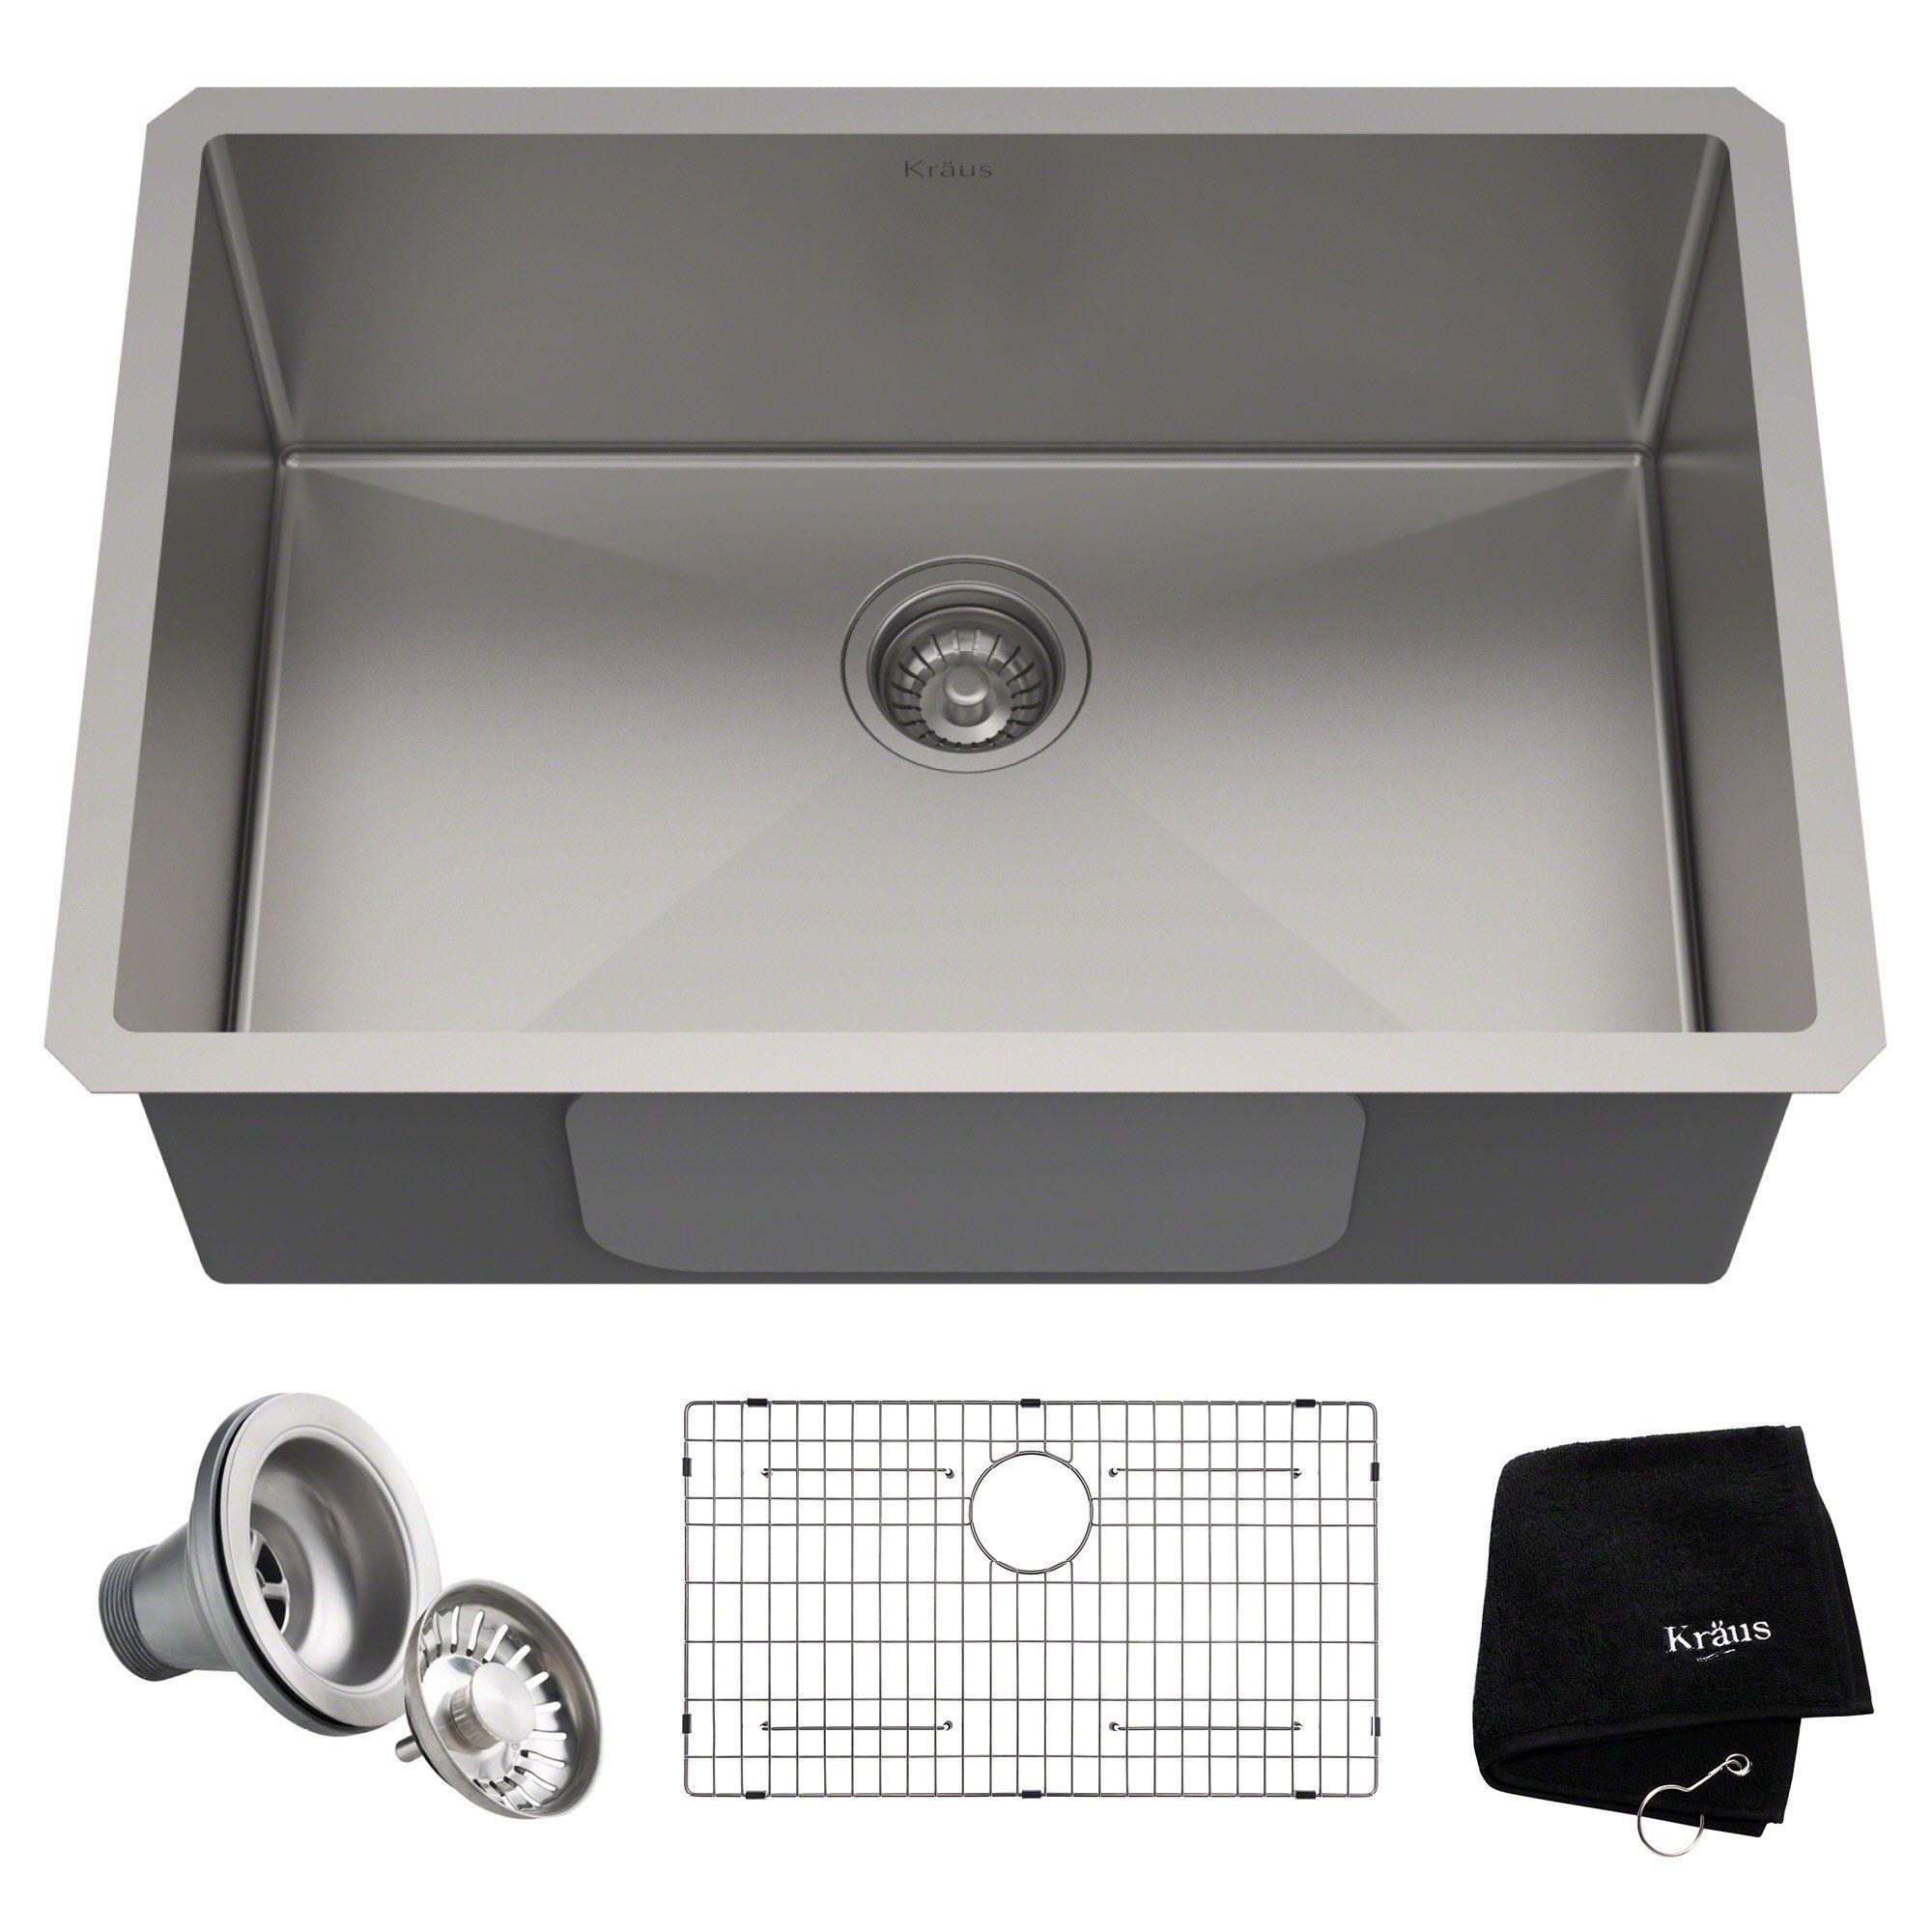 Kraus Khu100 28 Kitchen Sink 28 Inch Stainless Steel